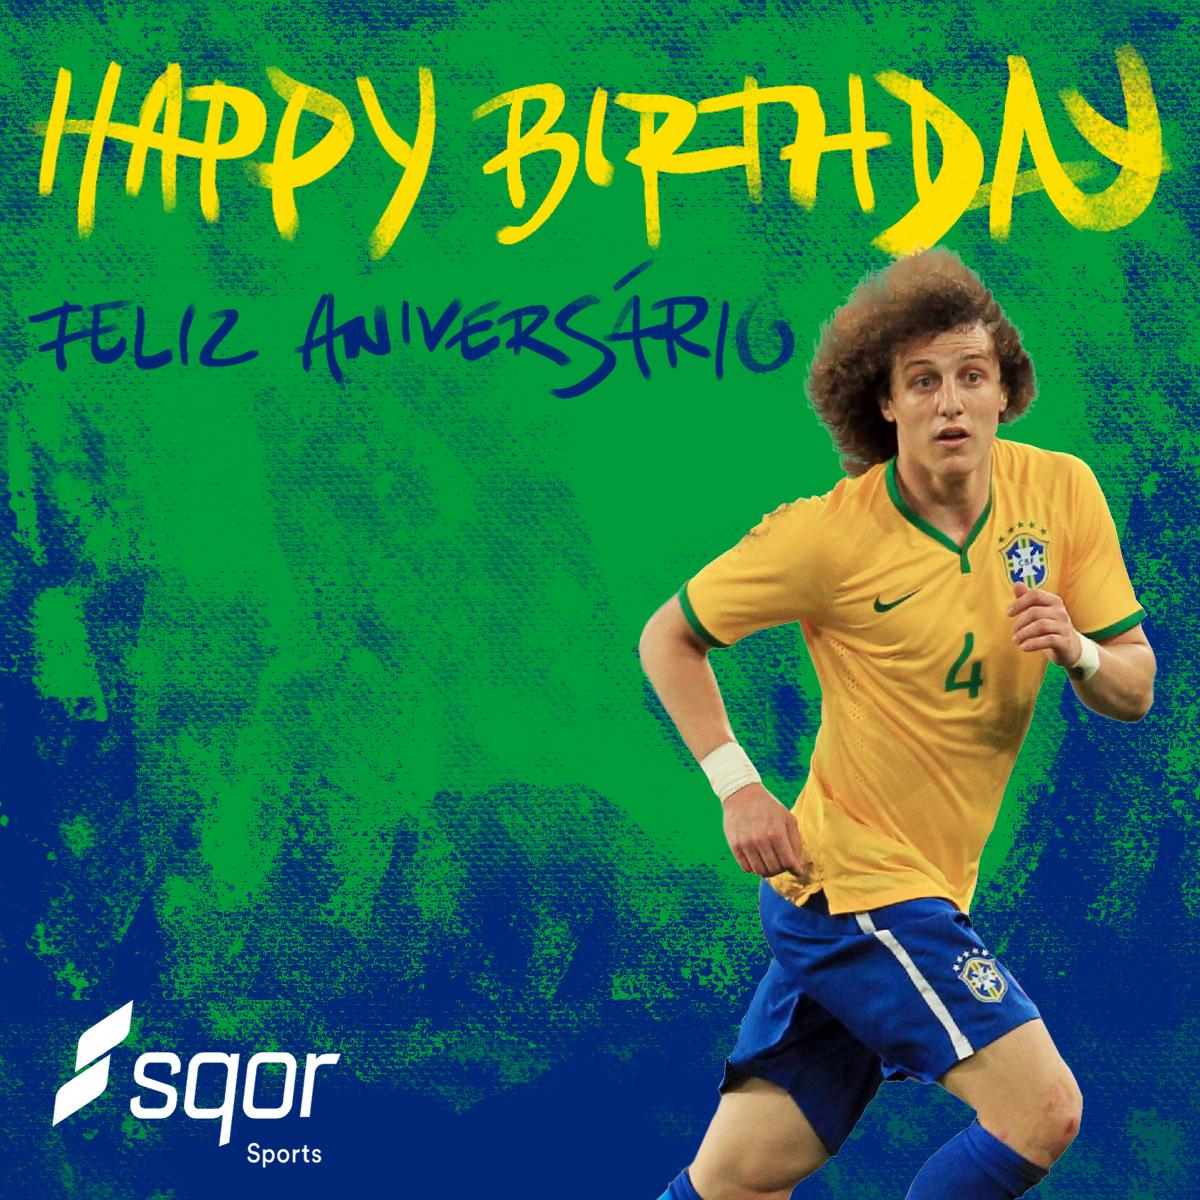 David Luiz Birthday1.jpg